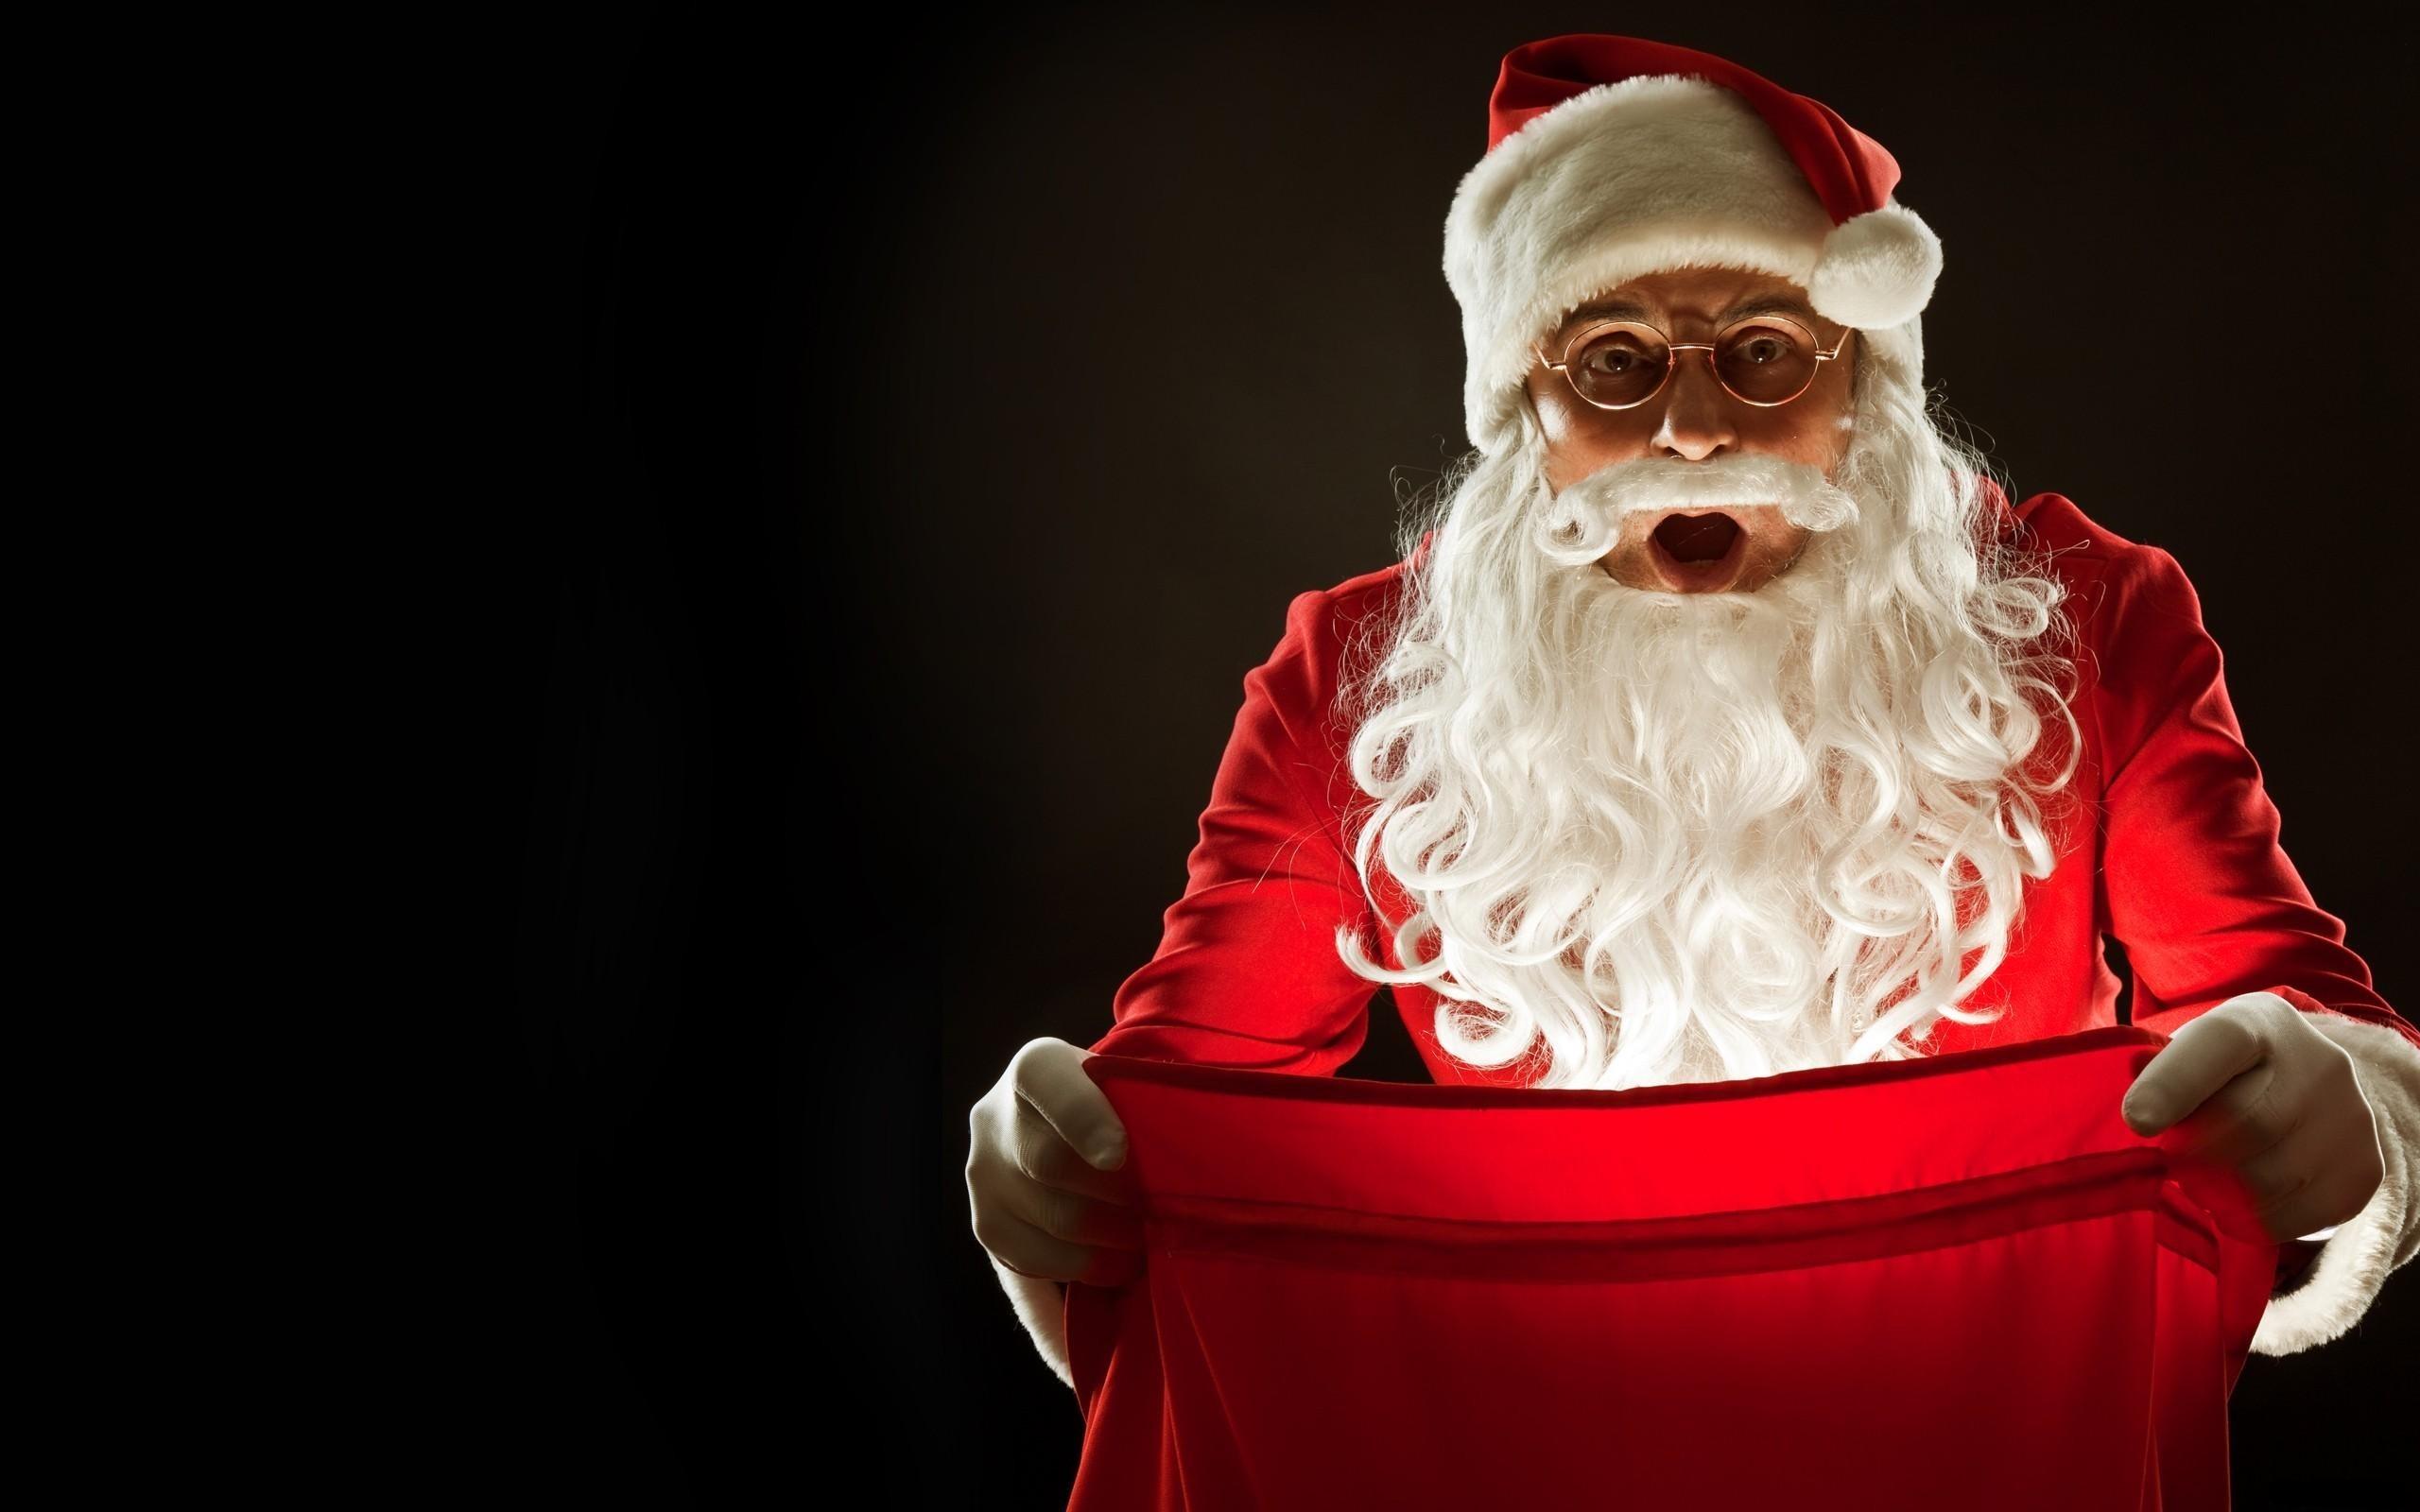 Santa Claus Widescreen Wallpaper 7341